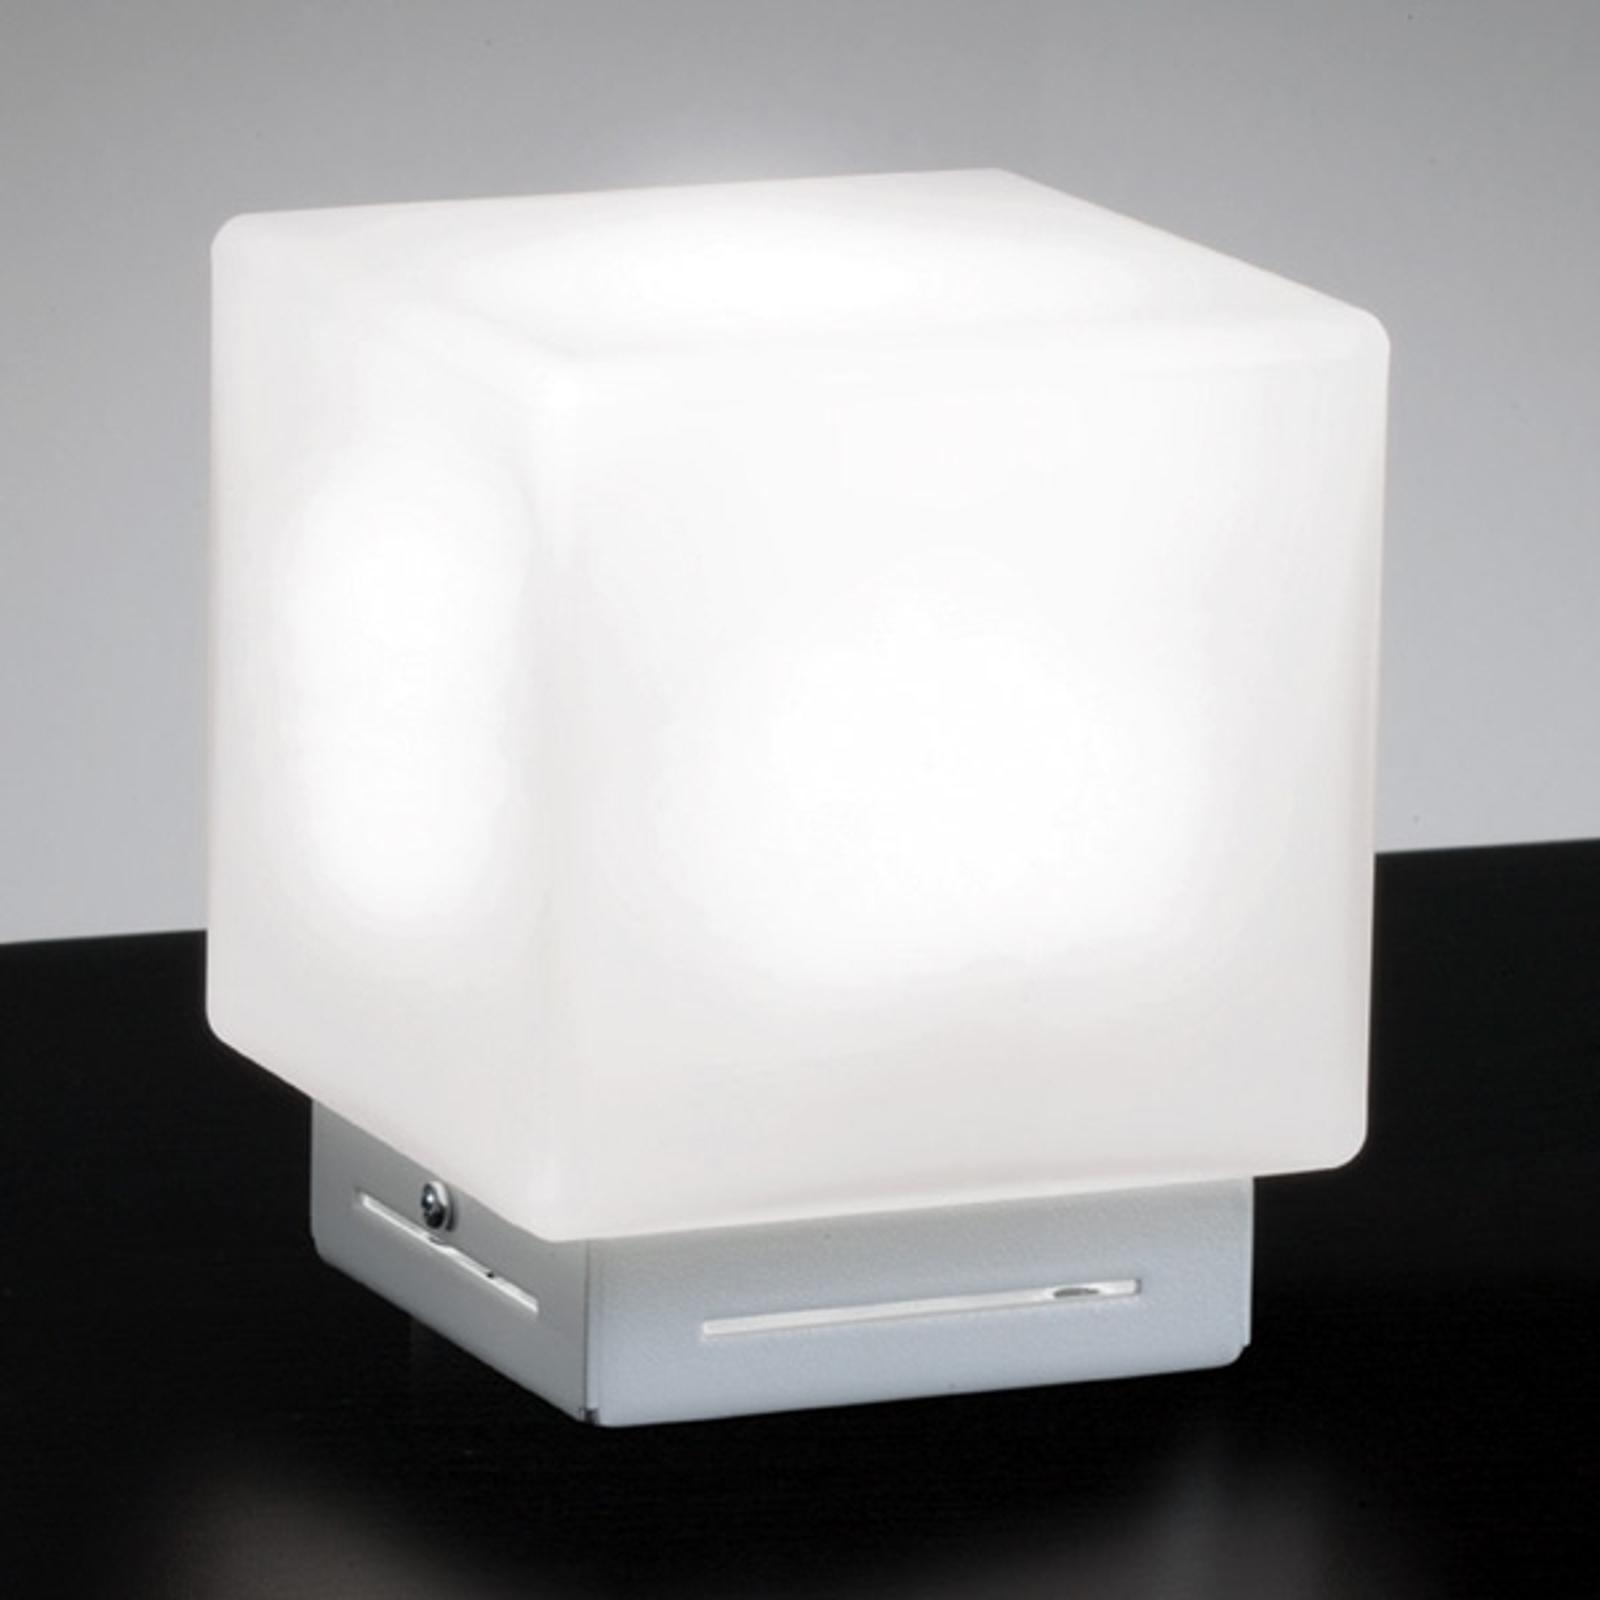 Bordslampa Cubis, vit